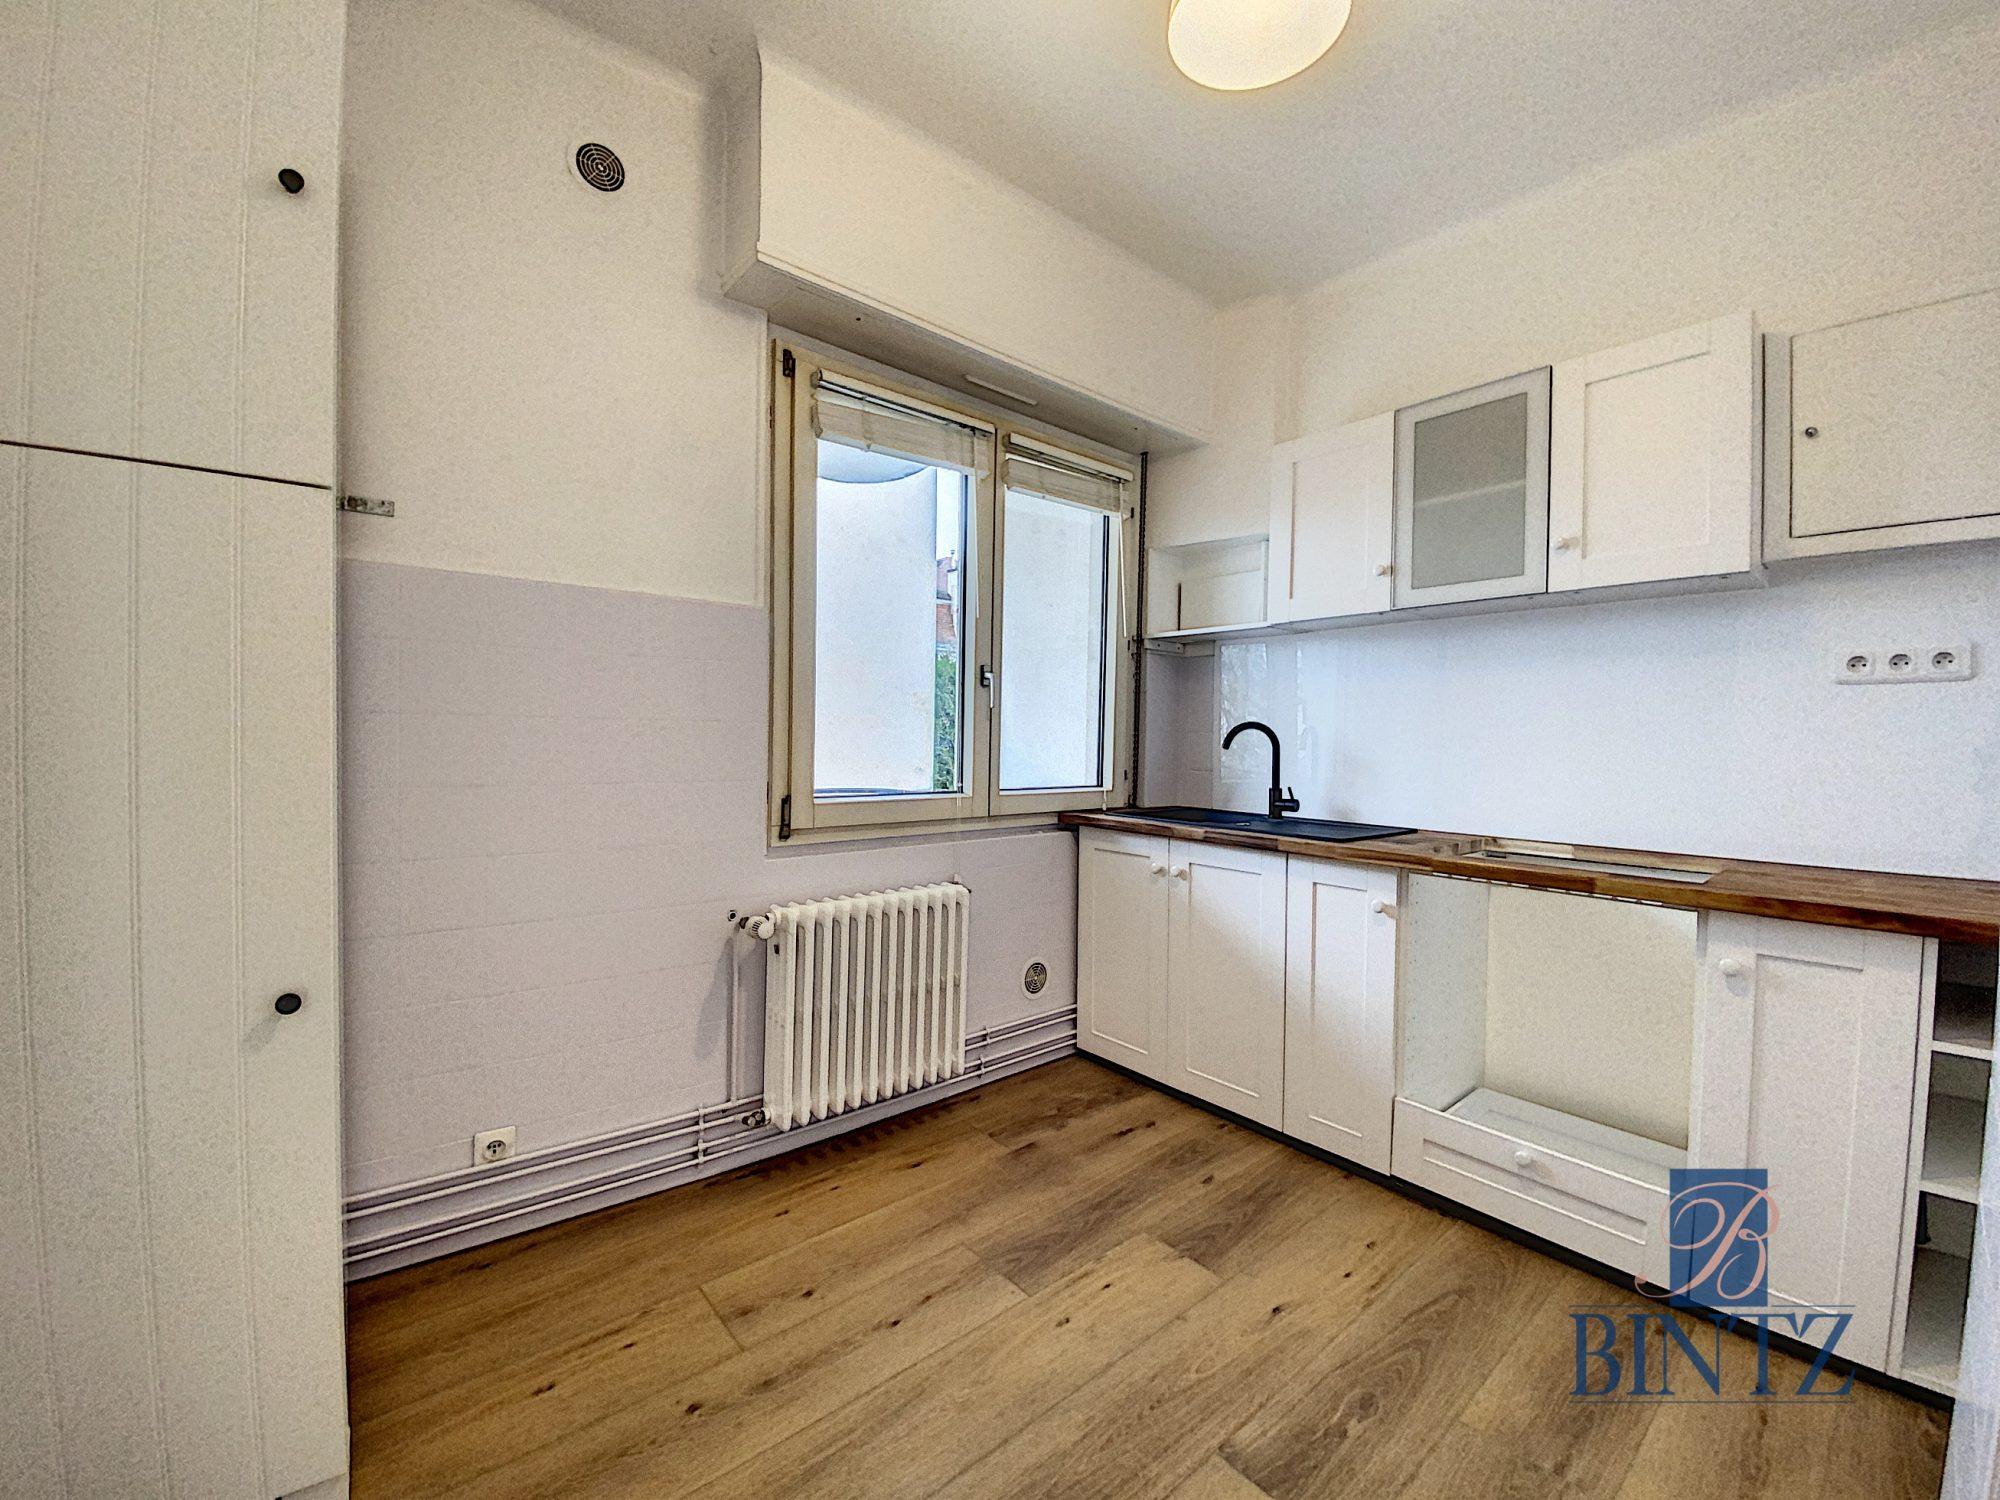 3P avec terrasse orangerie - Devenez locataire en toute sérénité - Bintz Immobilier - 11